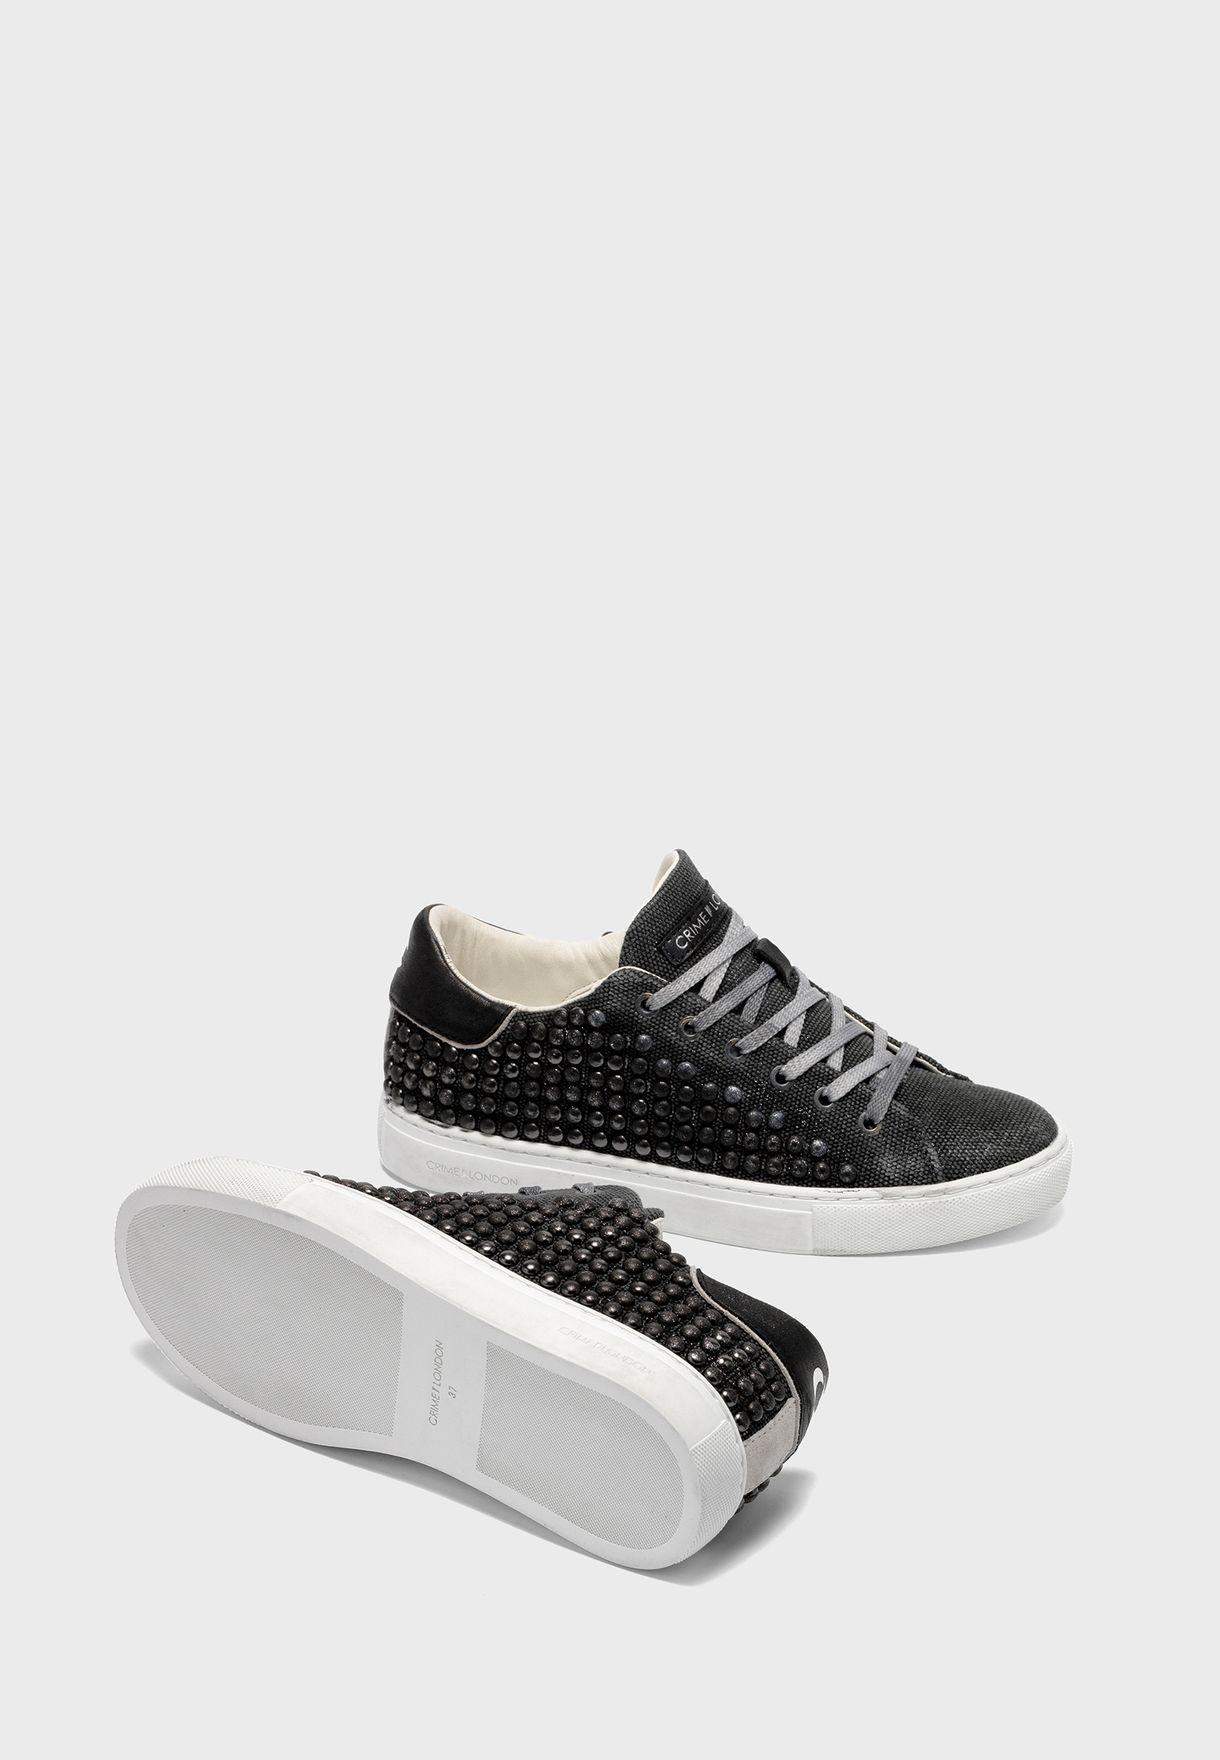 Essential Low Top Sneaker